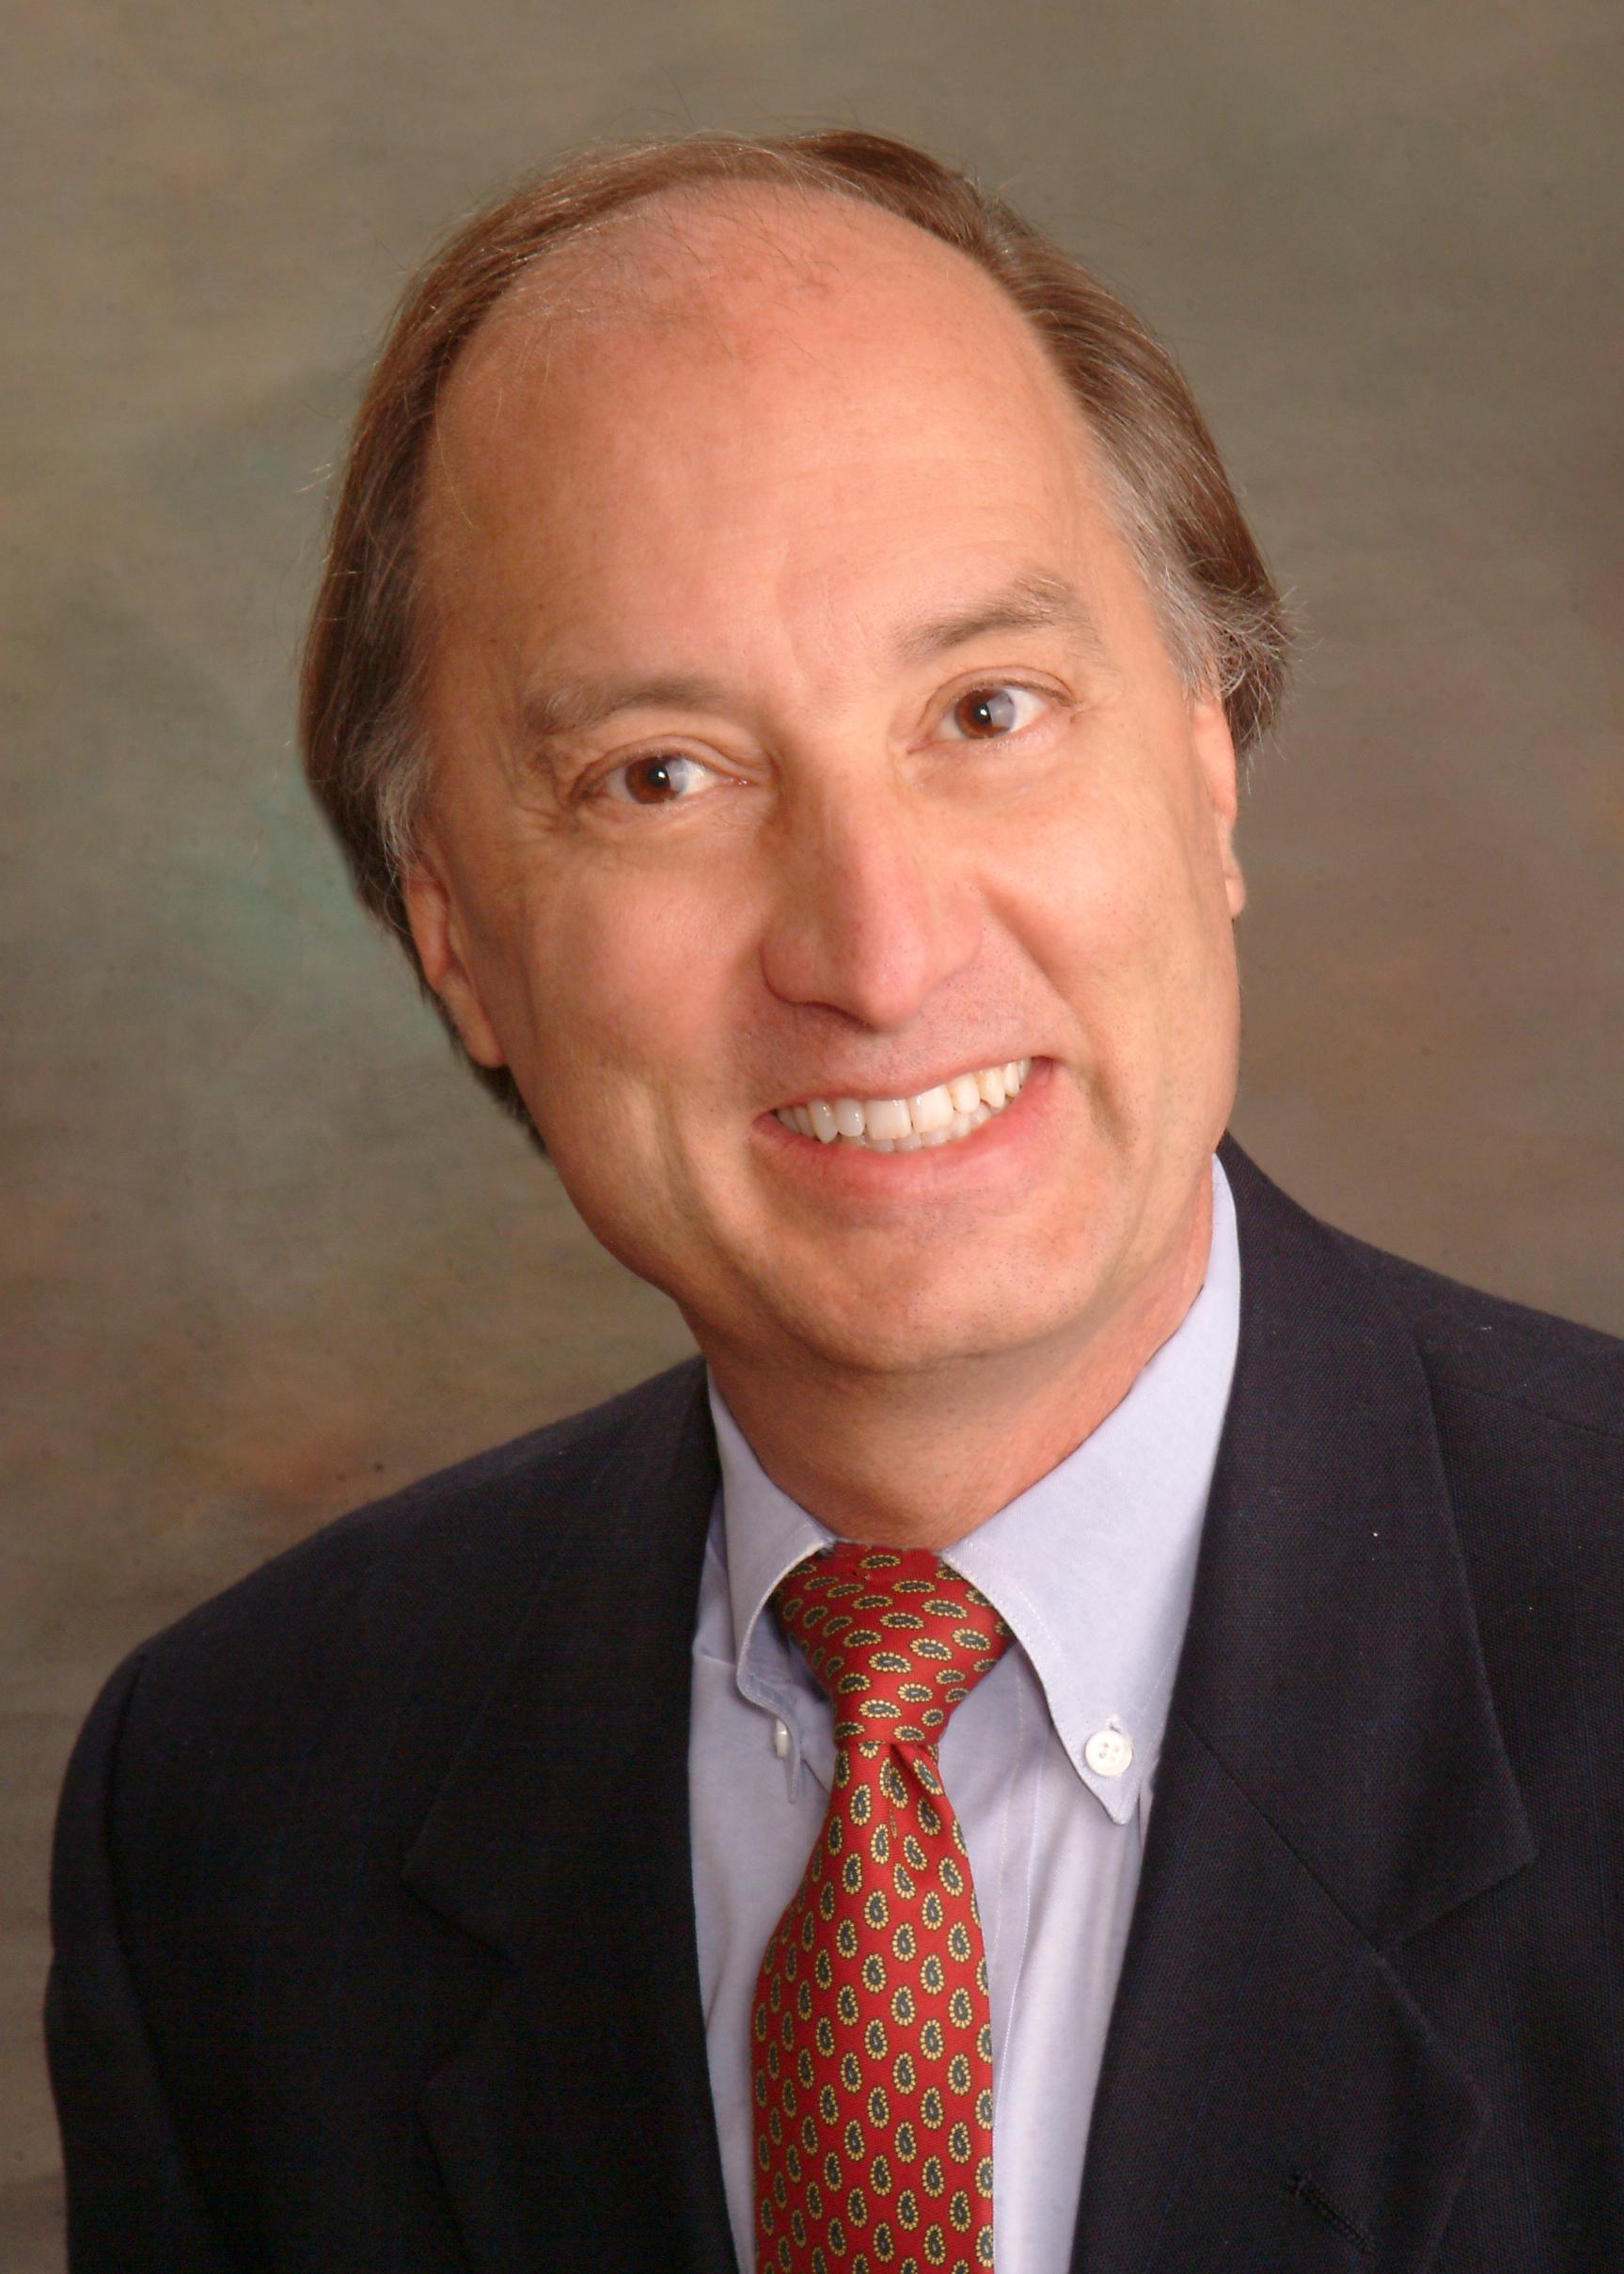 Kenneth W. Kousky